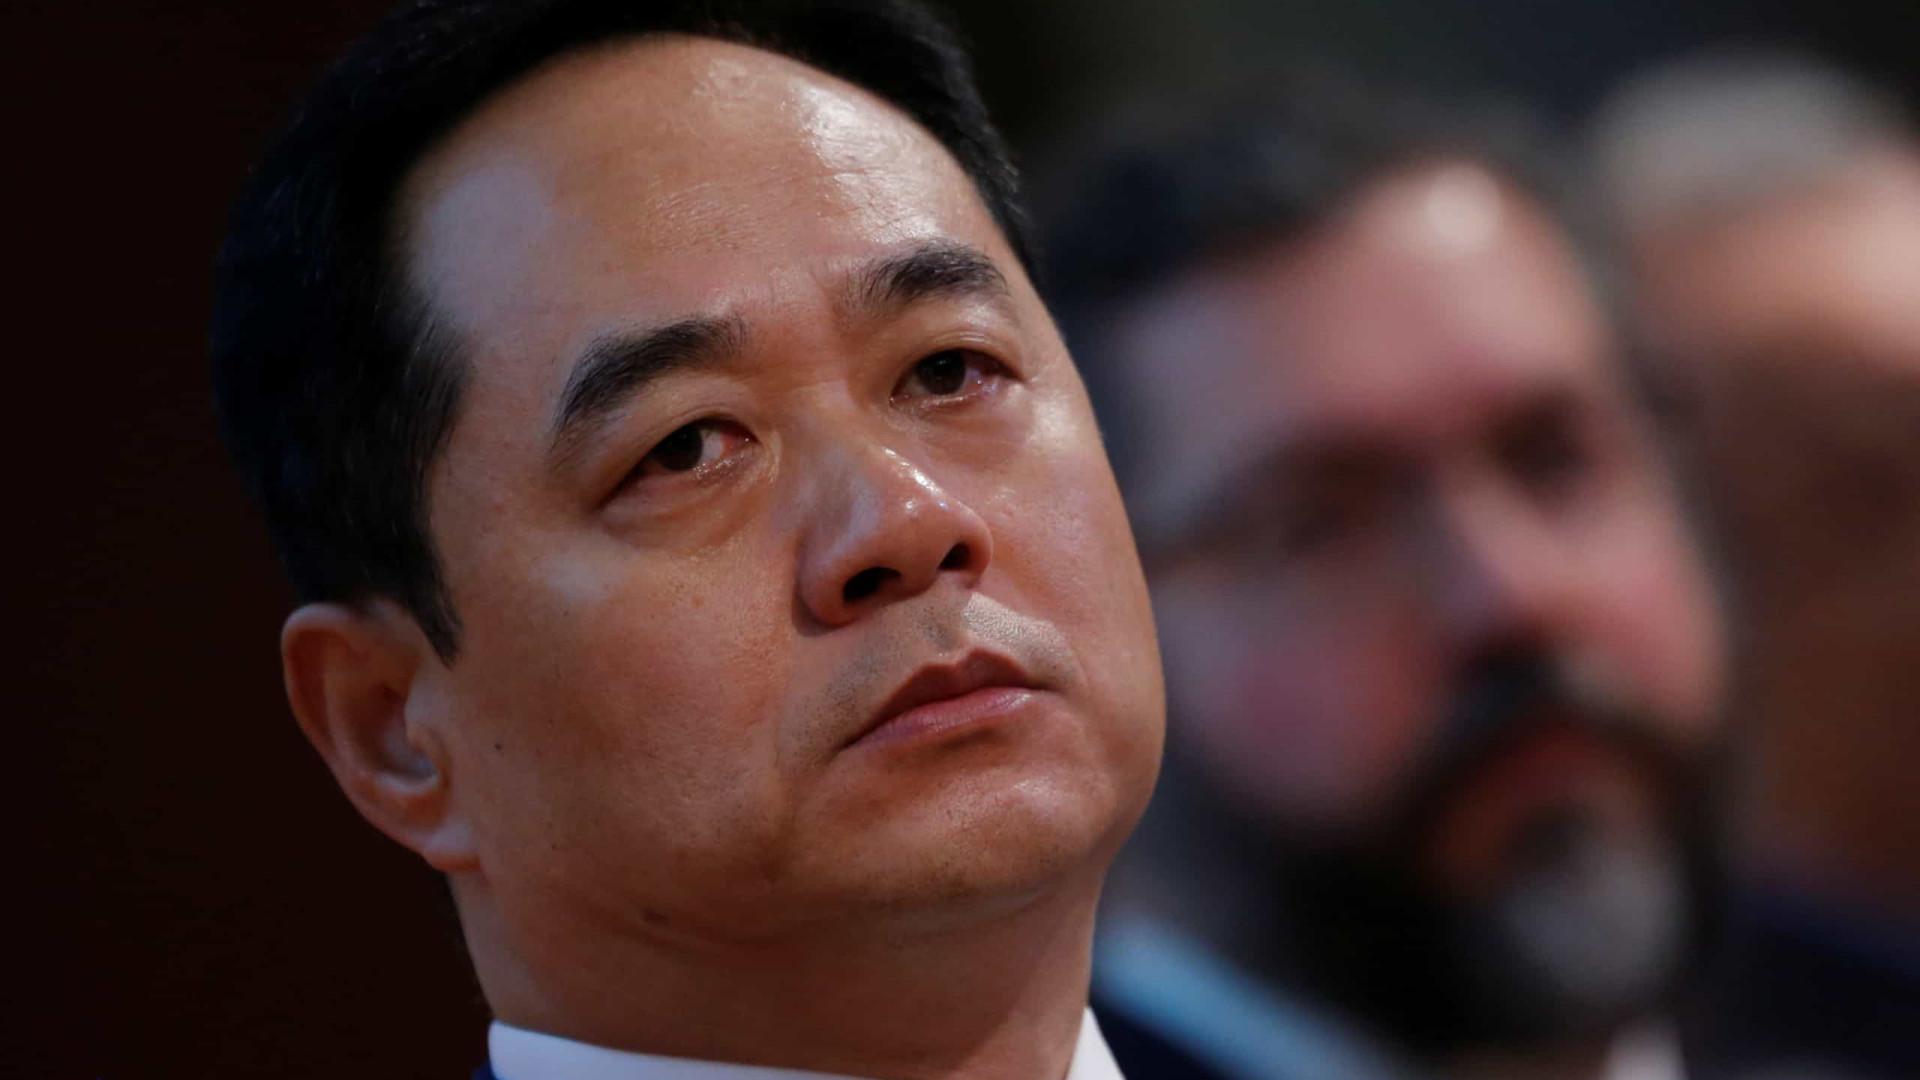 Embaixador chinês no Brasil taxa de 'ridículas' acusações dos EUA